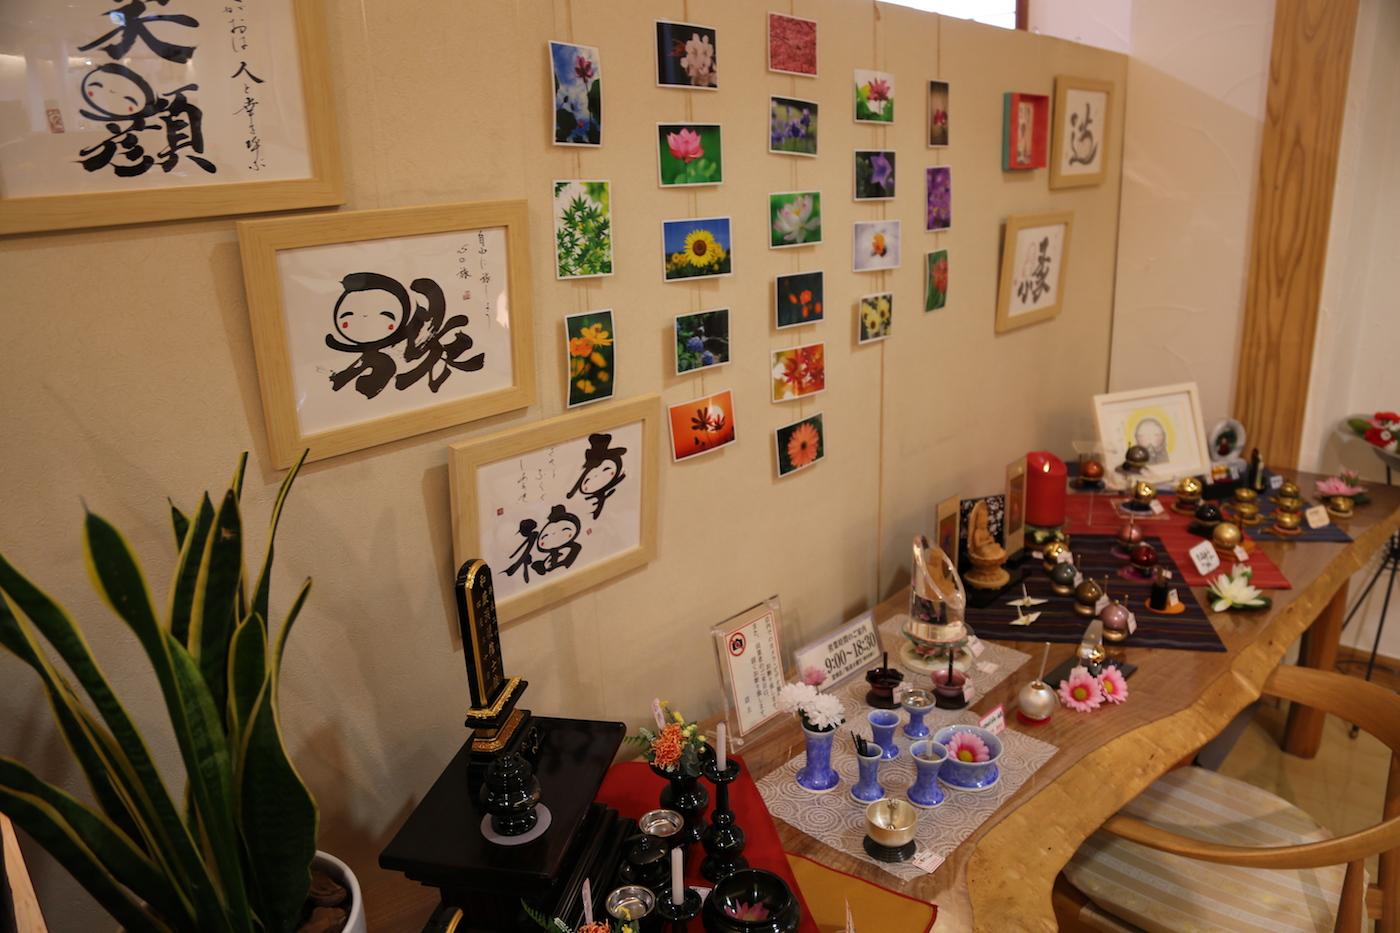 ふくば 福島 仏壇 写真ギャラリー画像26